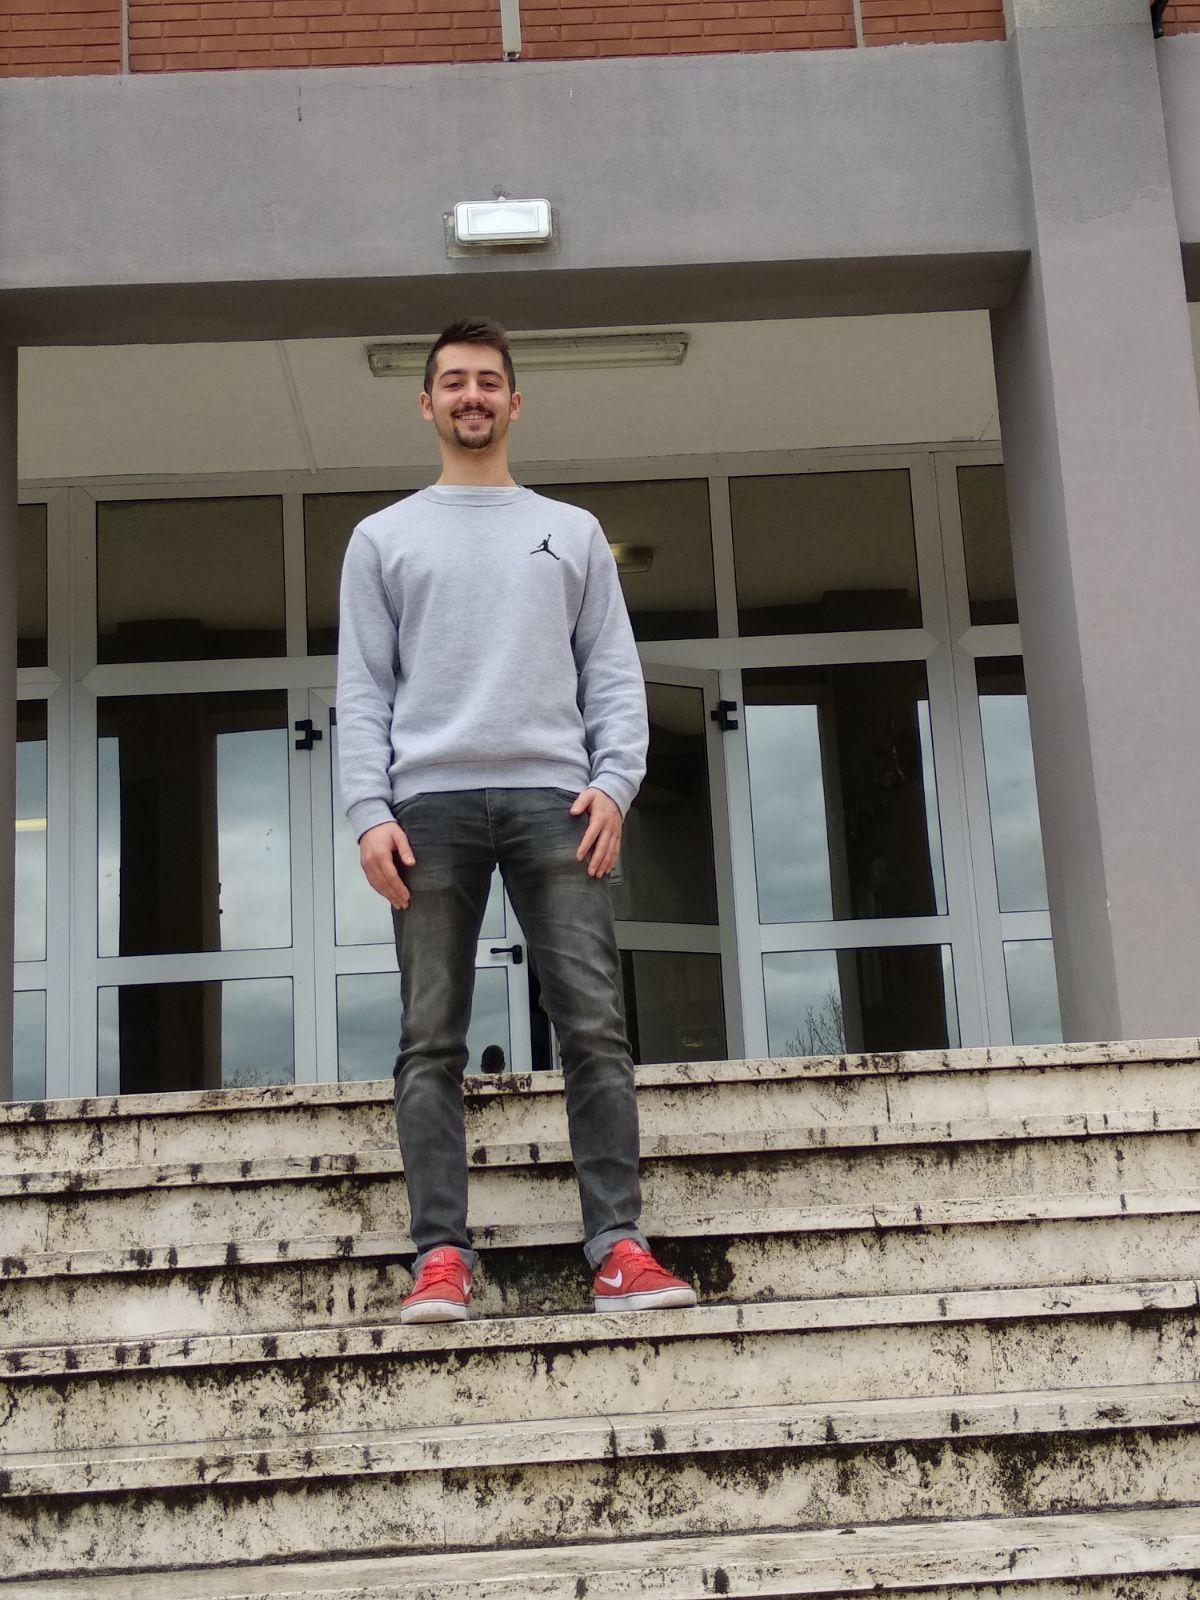 L'EX STUDENTE MATTIA NALDONI SI AGGIUDICA LA BORSA DI STUDIO DELLA FONDAZIONE OCCHIALINI